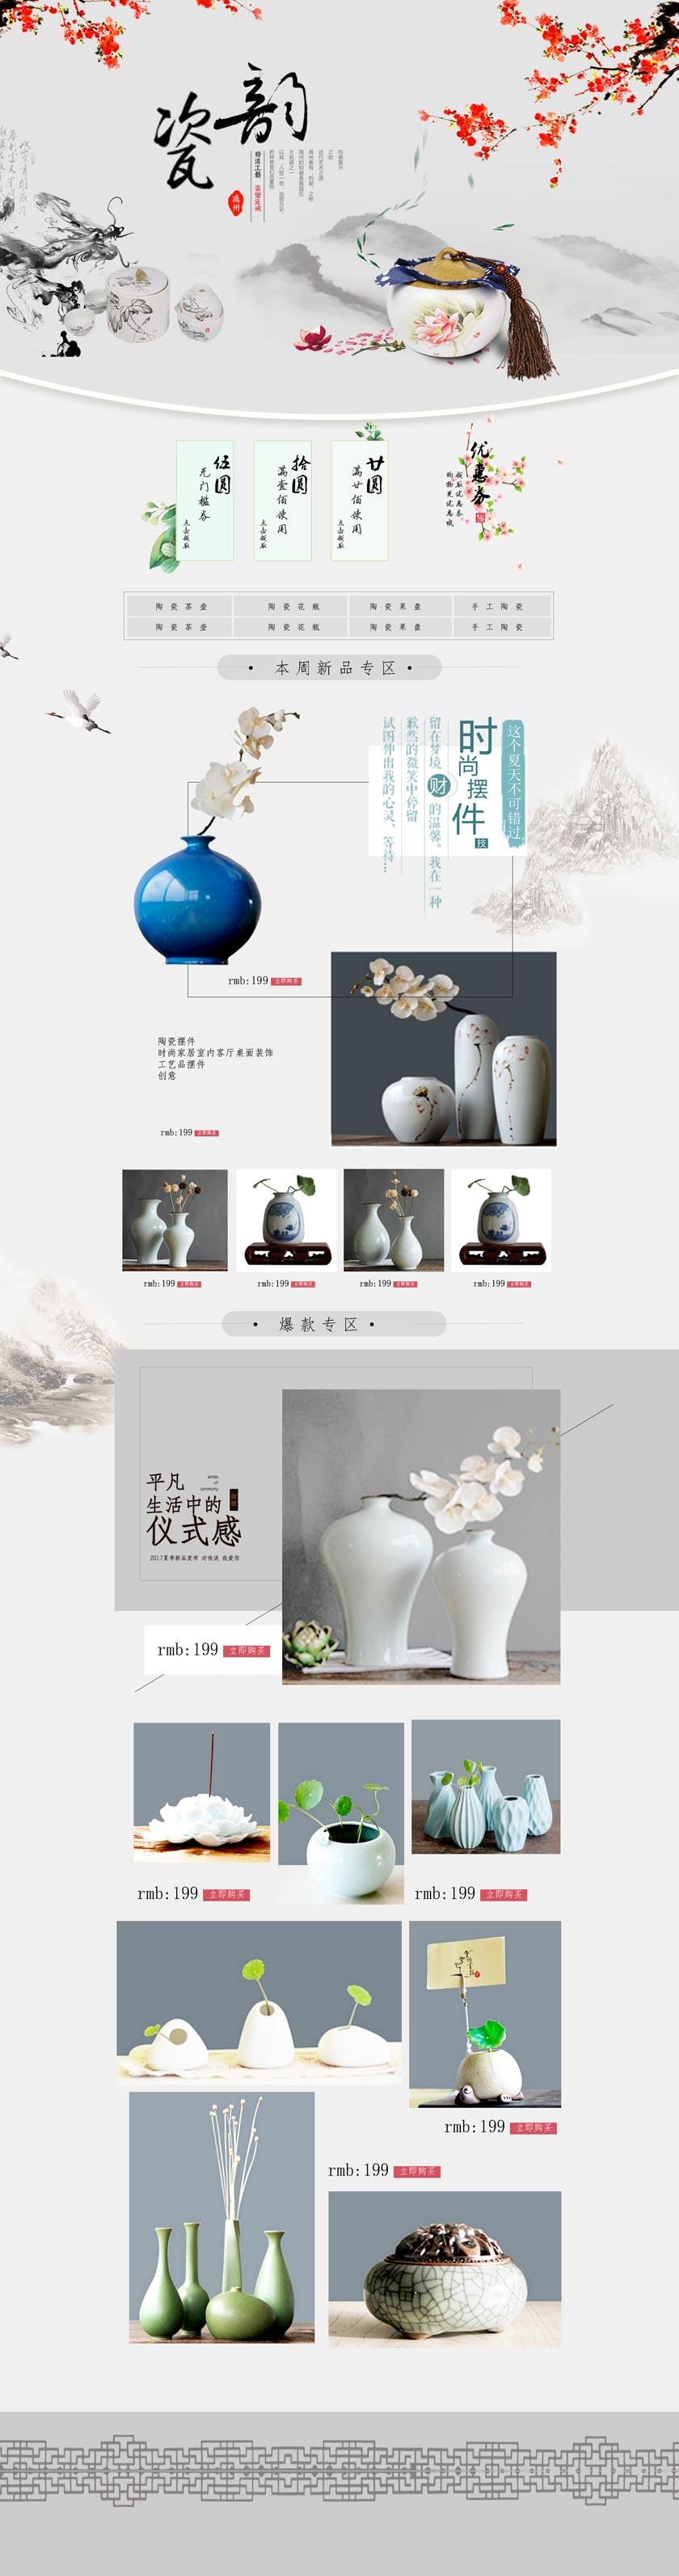 淘宝瓷器店铺中国风风格模板PSD素材